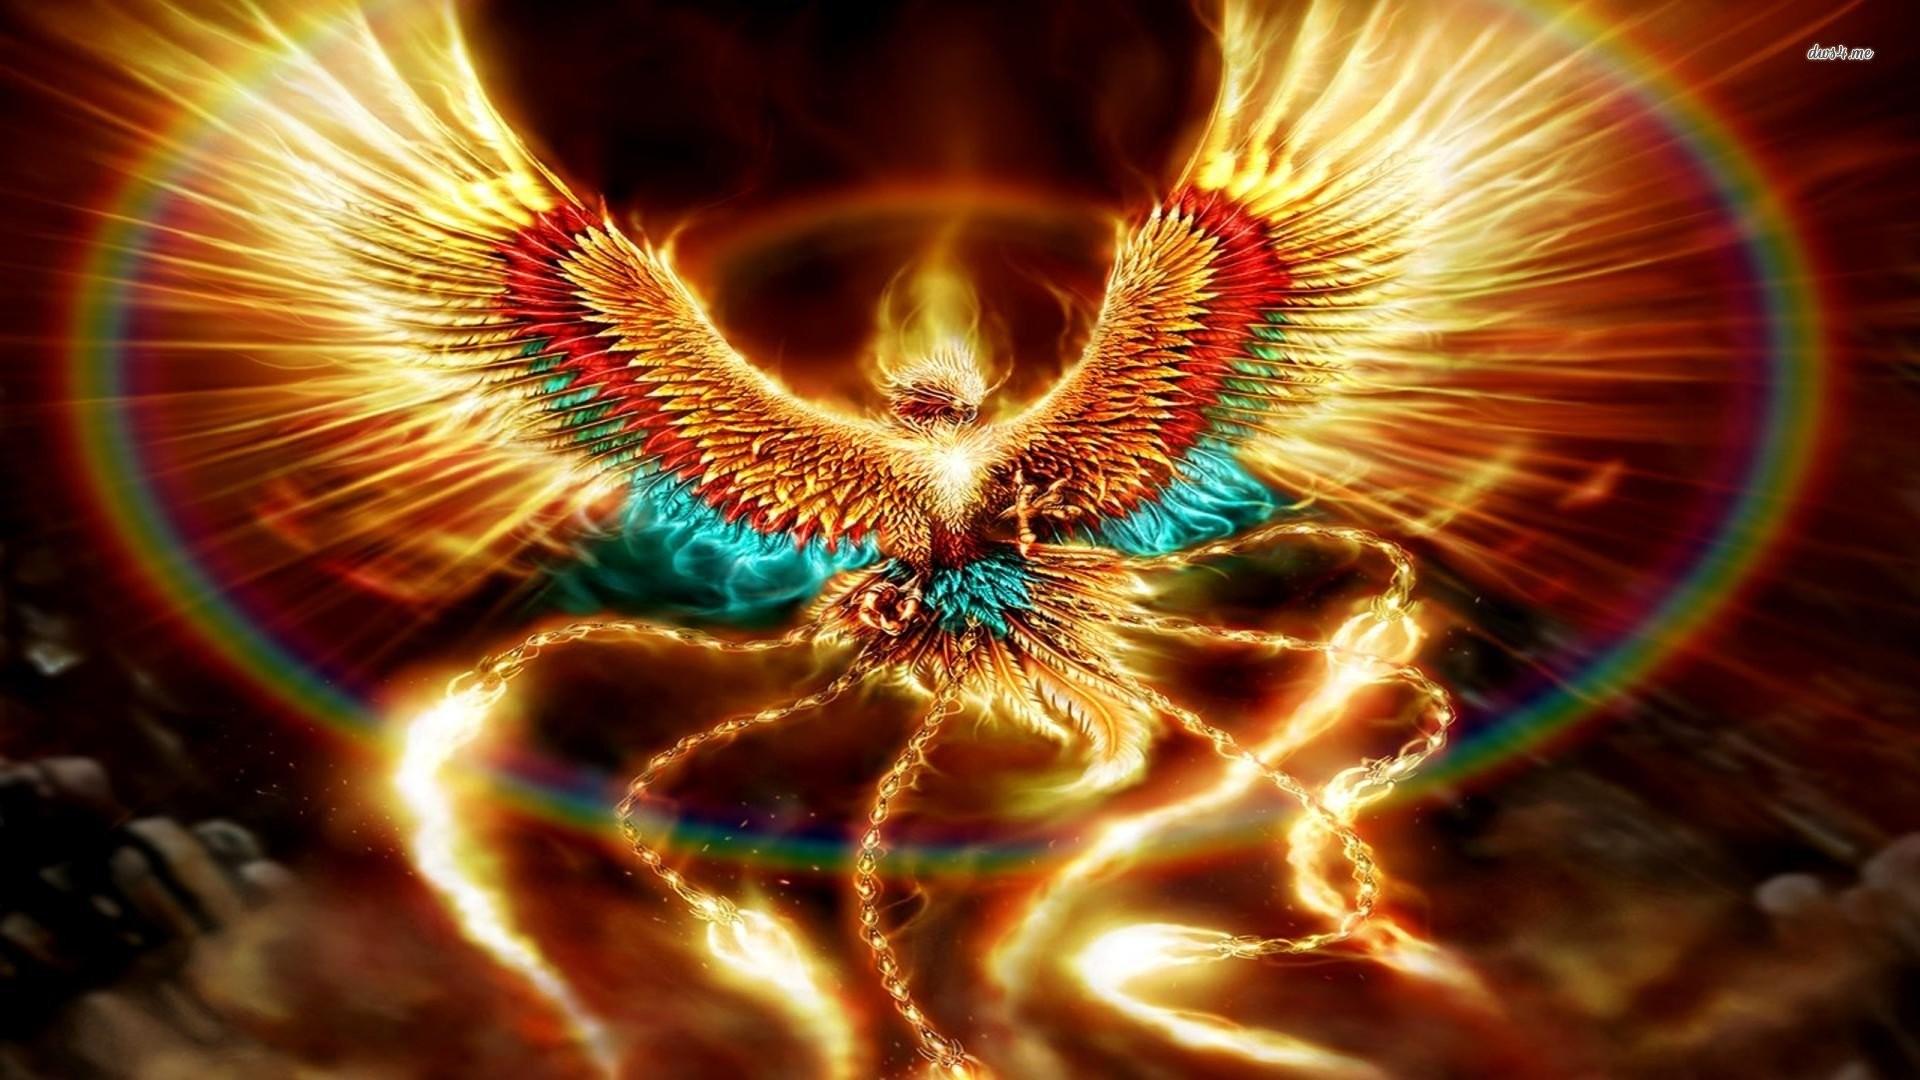 Phoenix bird wallpapers wallpapertag - Fenix bird hd images ...